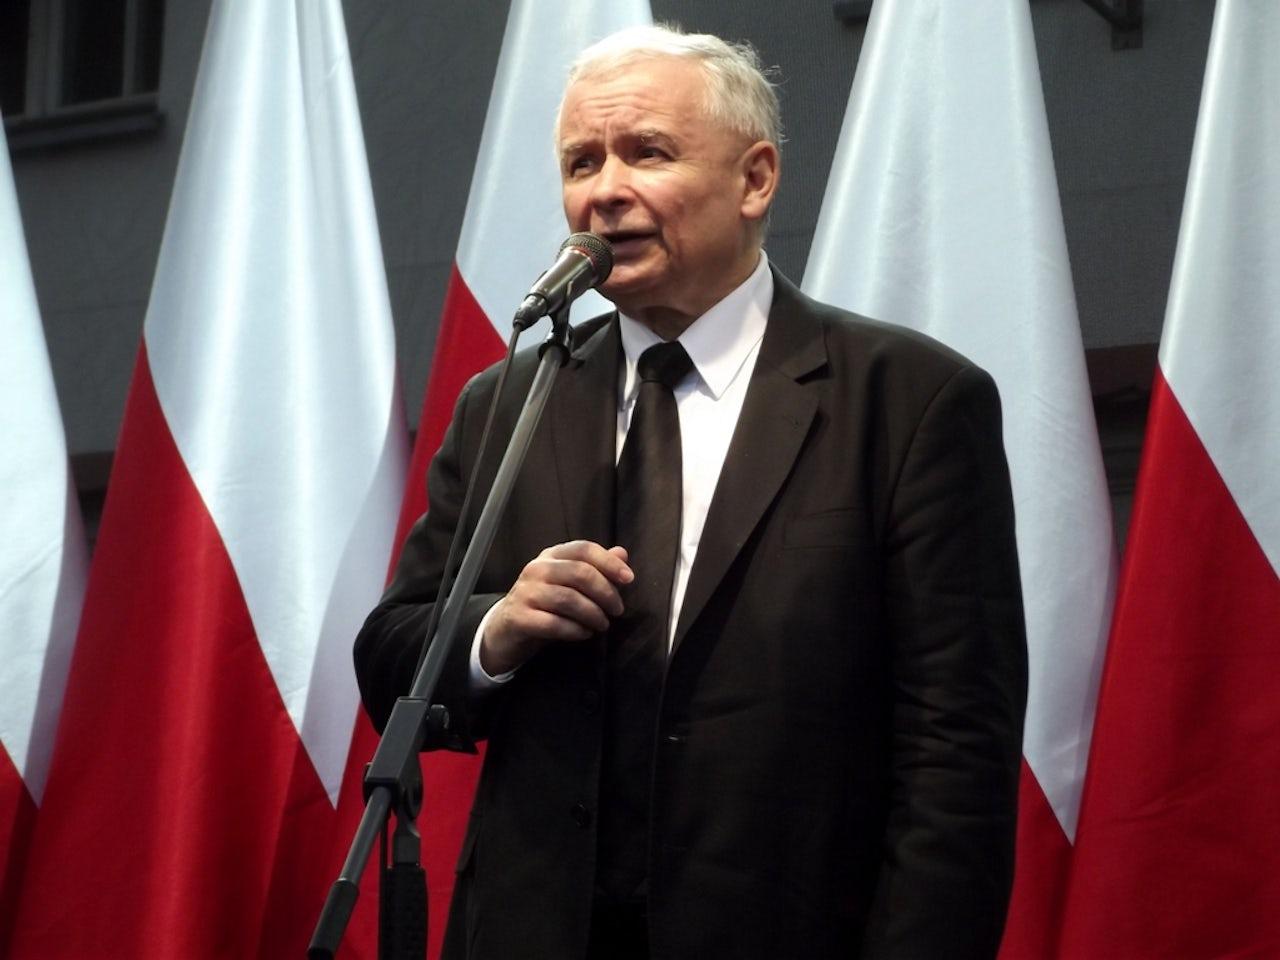 Jarosław Kaczyński speaking in 2013.